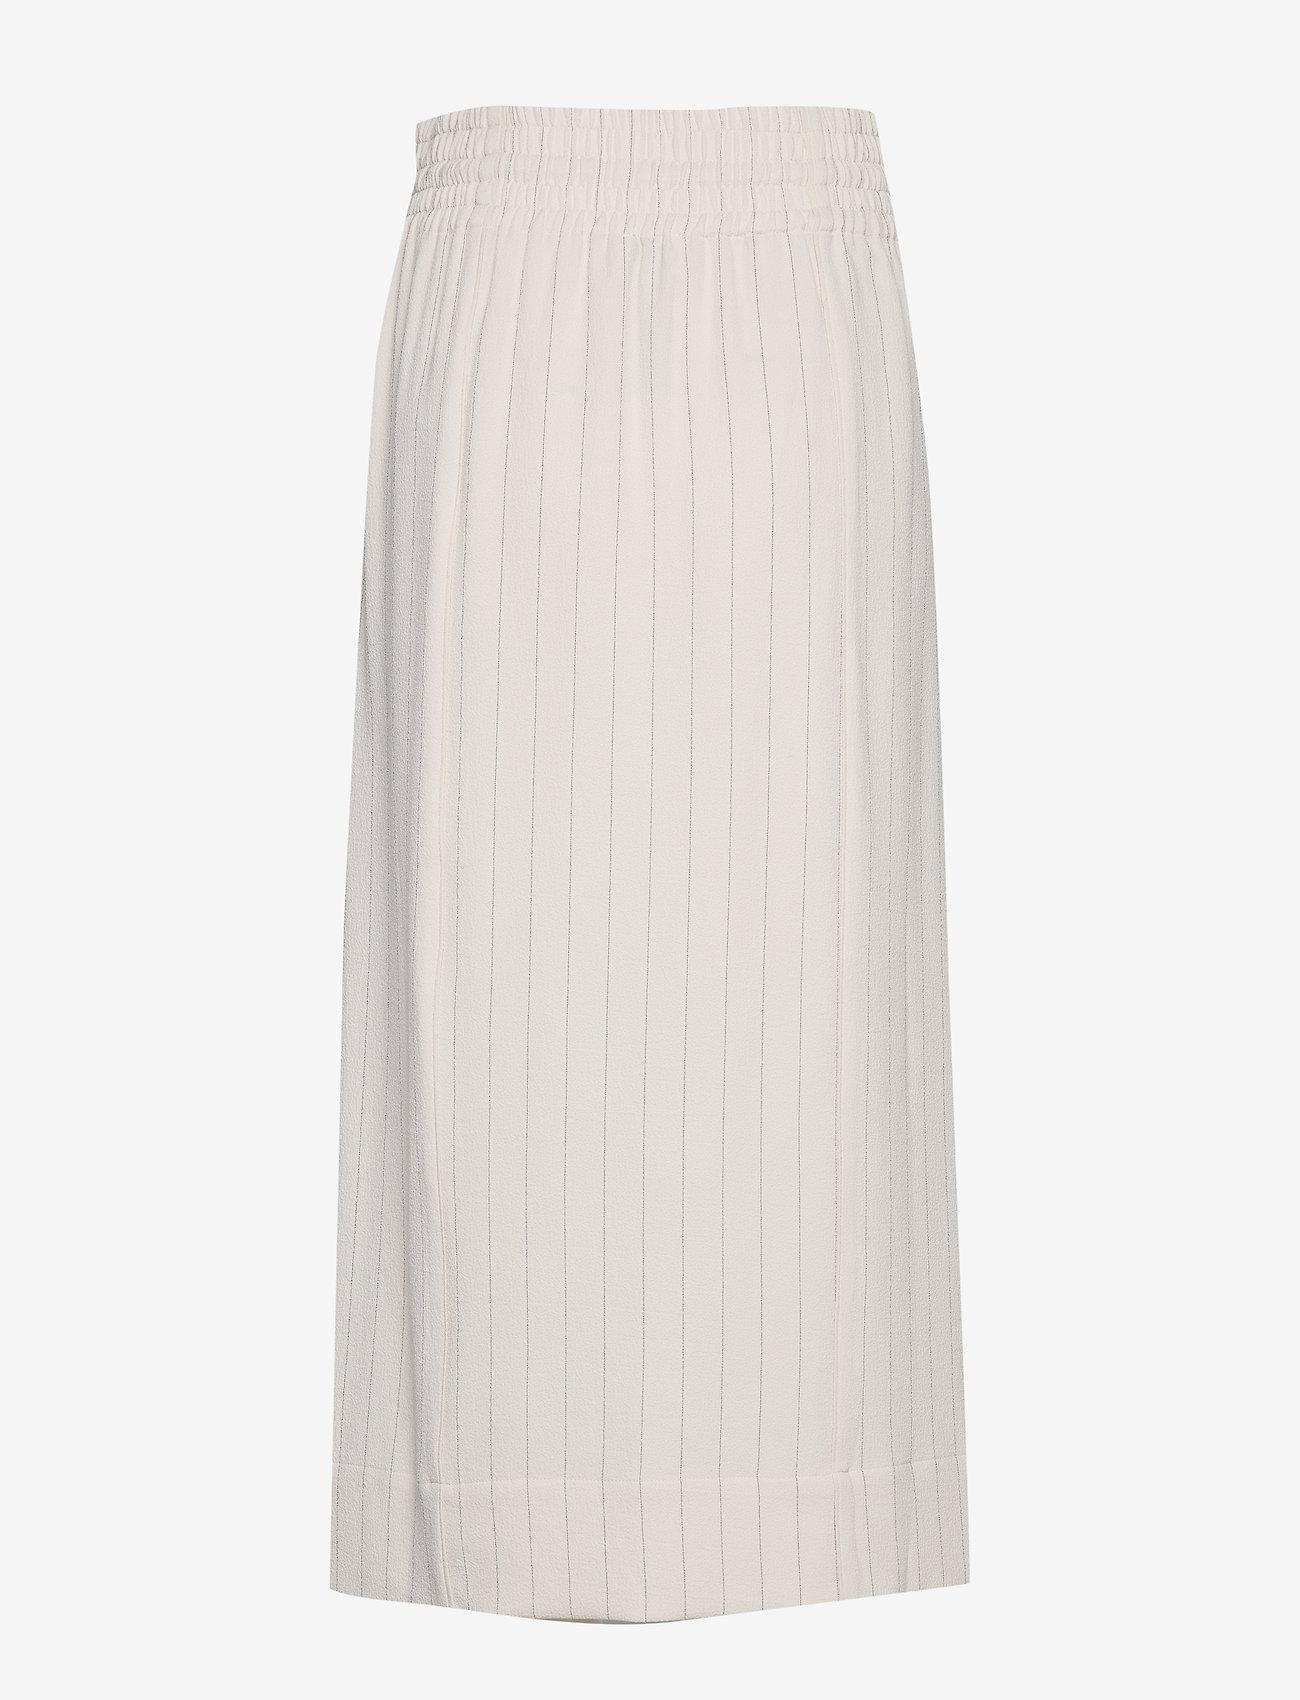 Ganni Heavy Crepe Skirt - Spódnice TAPIOCA - Kobiety Odzież.